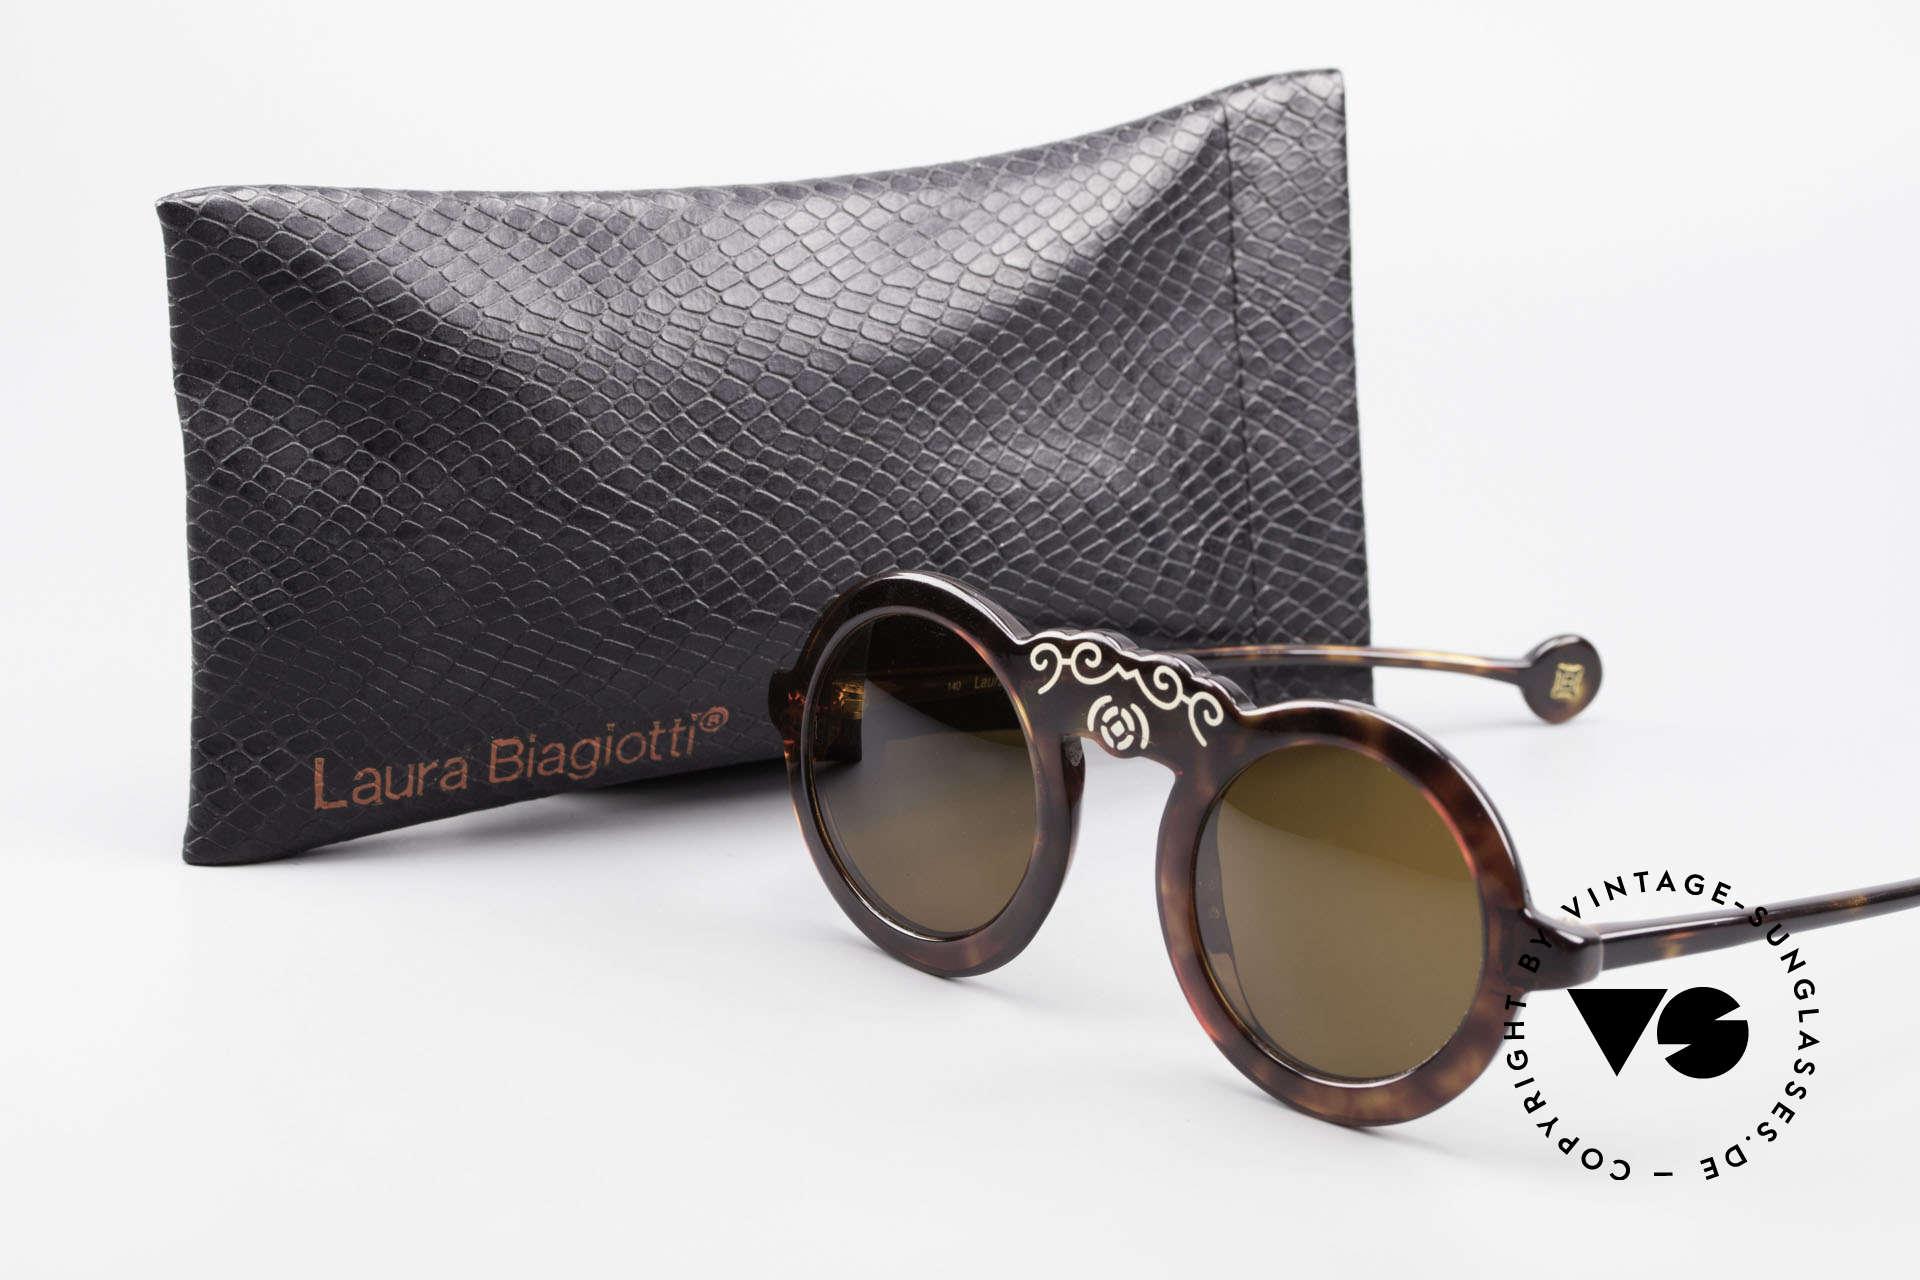 Laura Biagiotti V93 Shangai True Vintage Sonnenbrille 70er, Größe: small, Passend für Damen